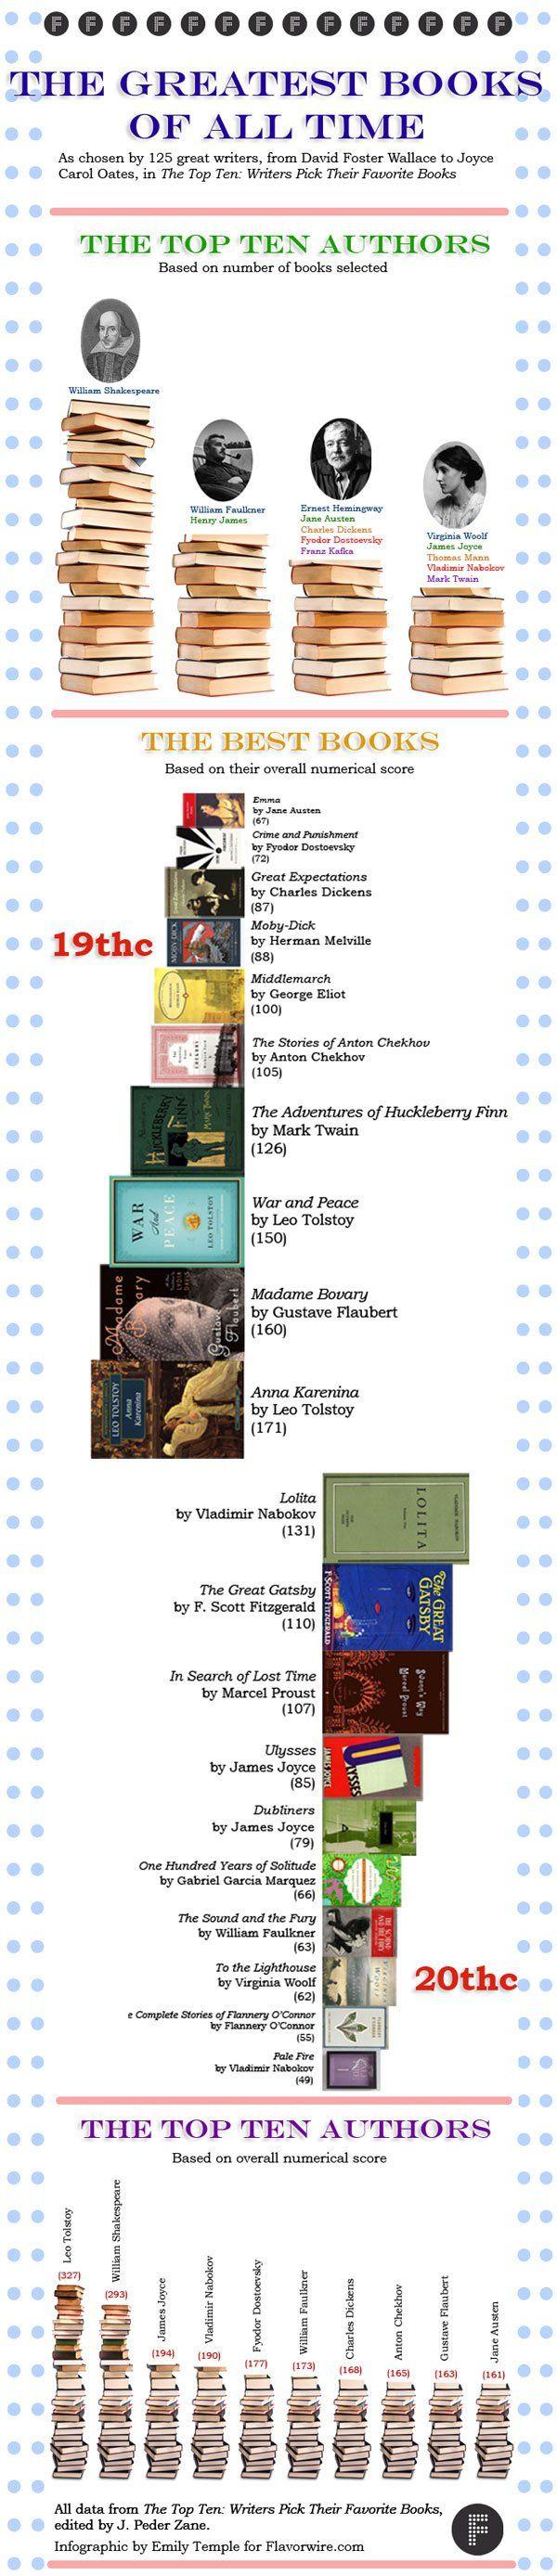 Una infografía nos muestra los resultados de la encuestra que J. Peder Zane hizo a 125 famosos autores para determinar cuáles son los mejores libros de todos los tiempos.